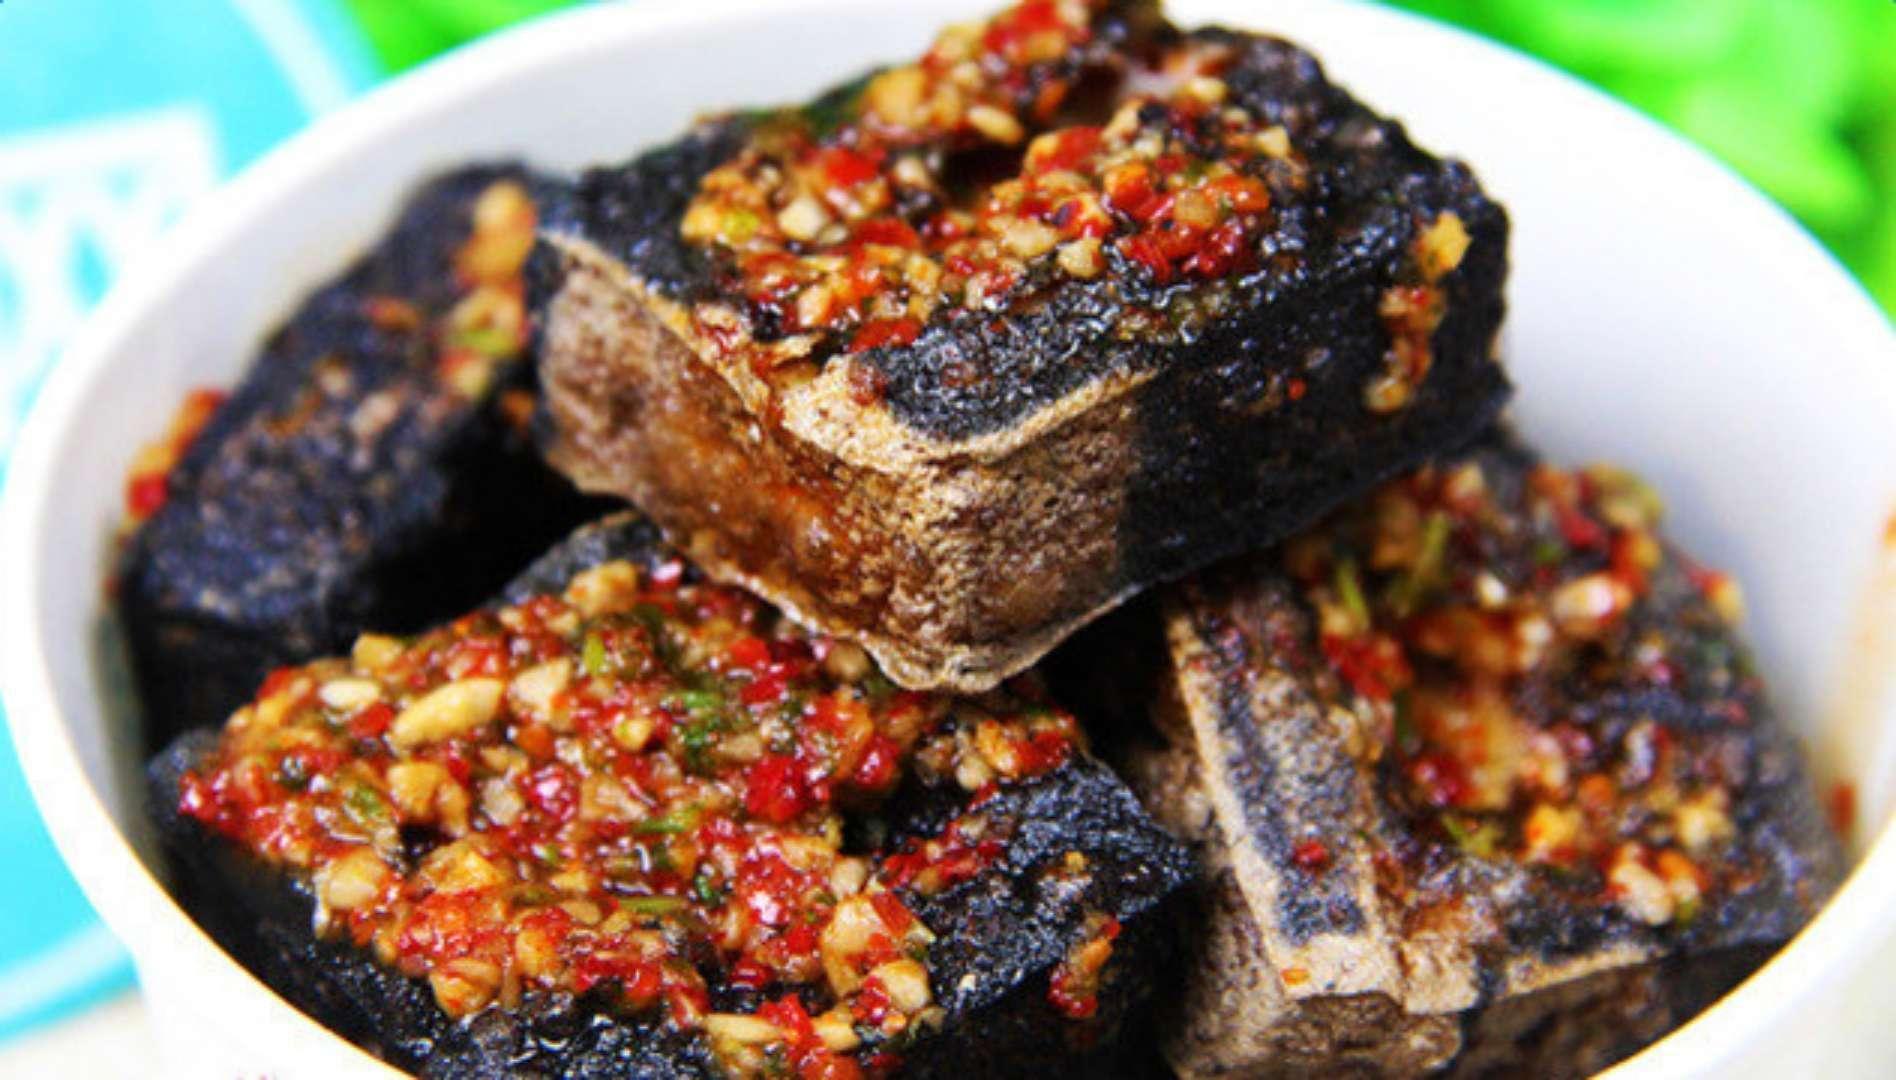 黑色经典臭豆腐,让你享受正宗长沙味17